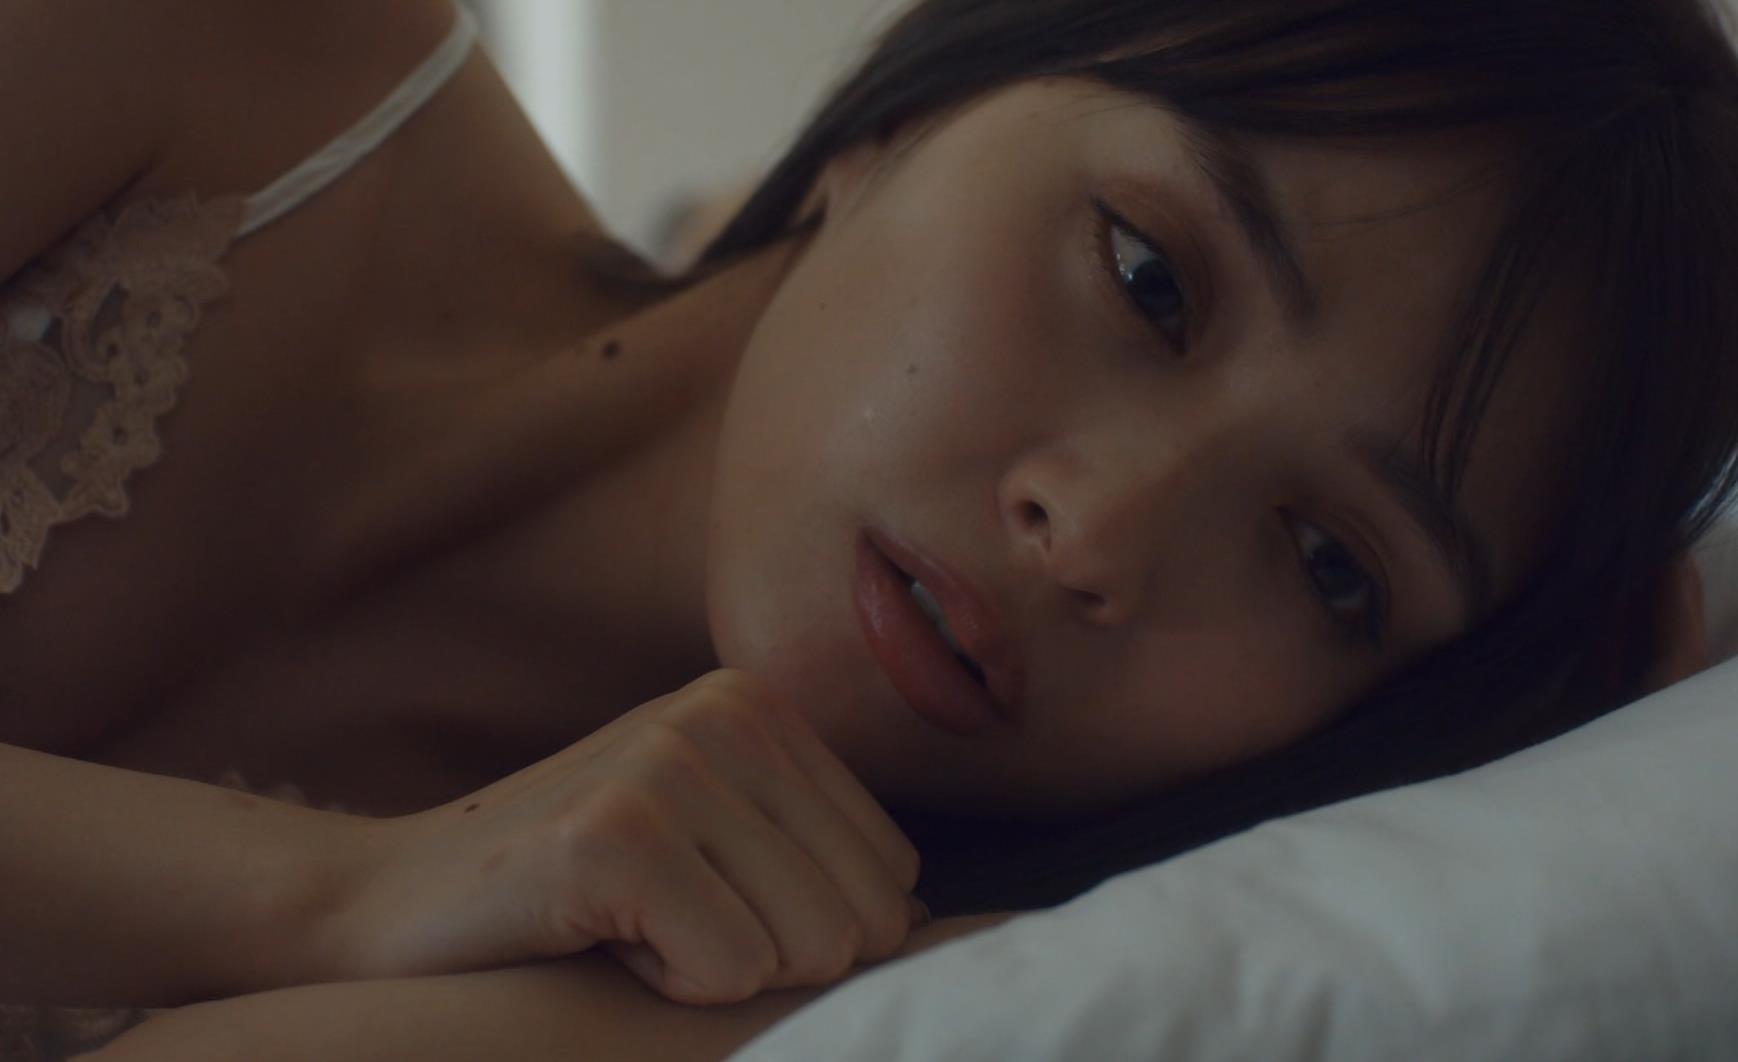 内田理央 エロドラマのシーズン2もエロかった②キャプ・エロ画像